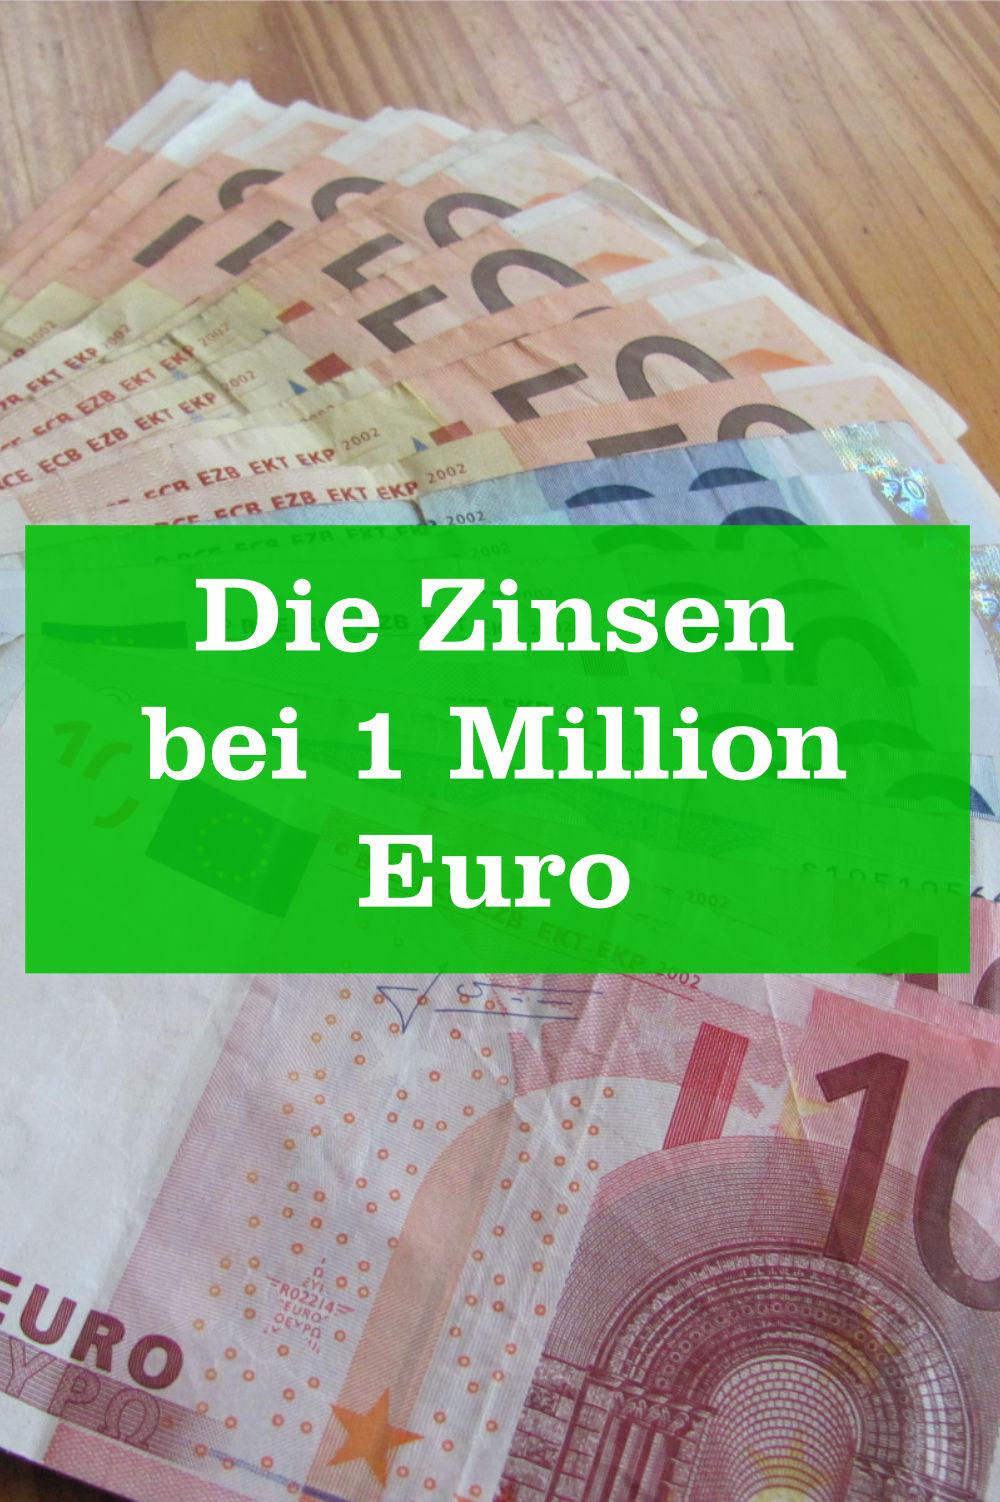 Zinsen 1 Million Euro